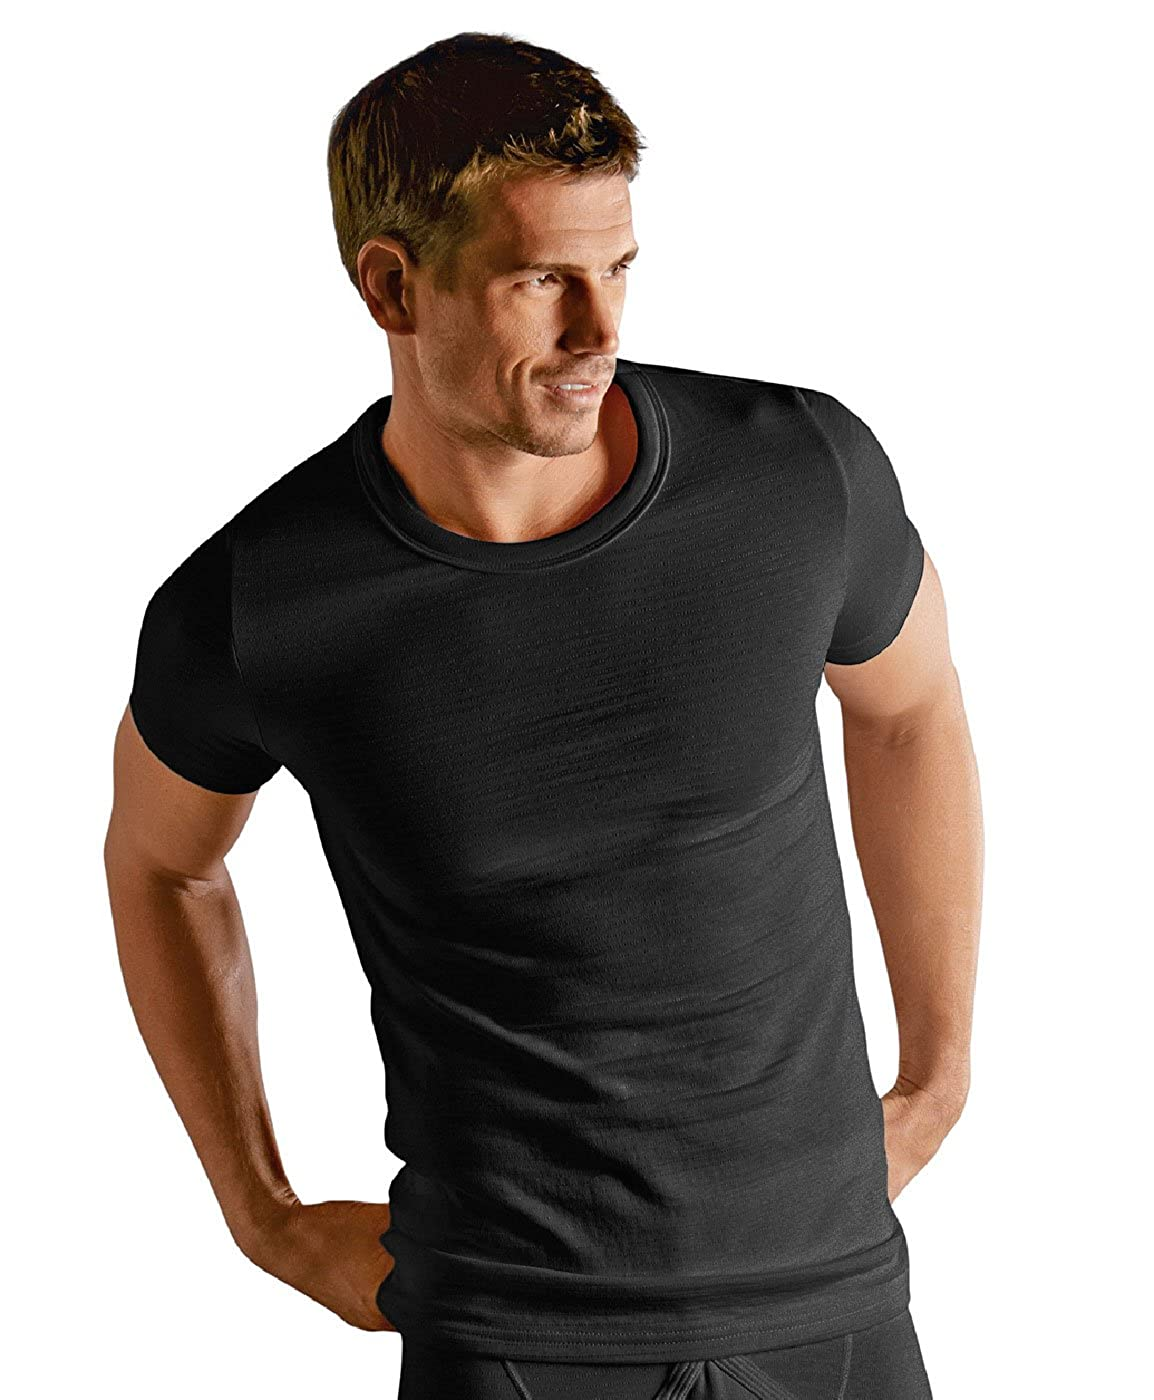 Jockey - Maglia termiche - T-shirt - uomo